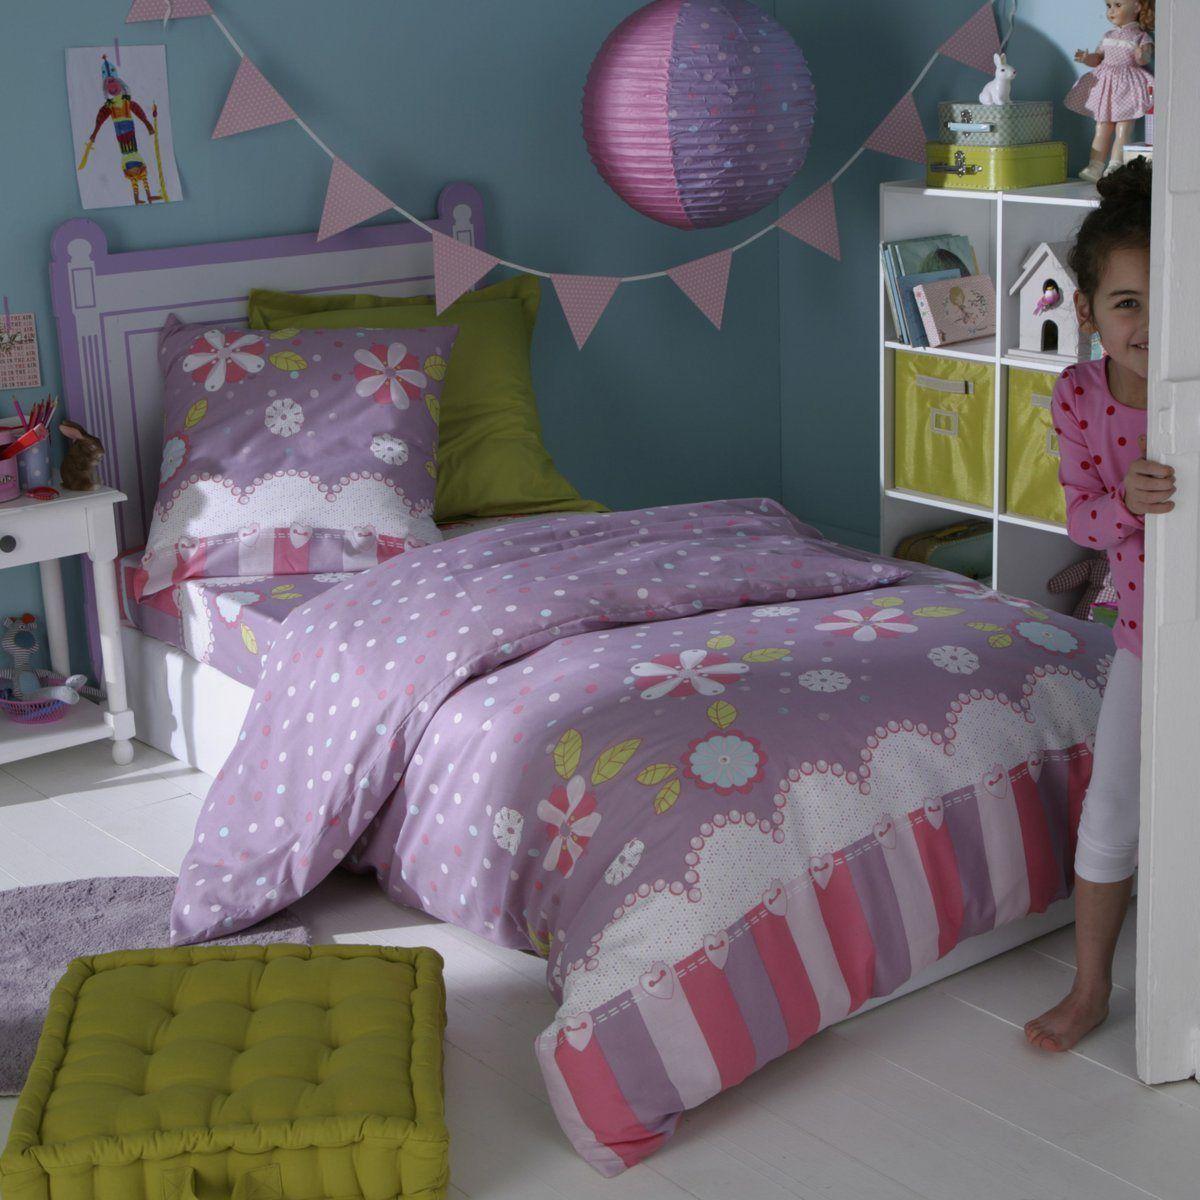 parure housse de couette sweet home autre la redoute house pinterest room and house. Black Bedroom Furniture Sets. Home Design Ideas